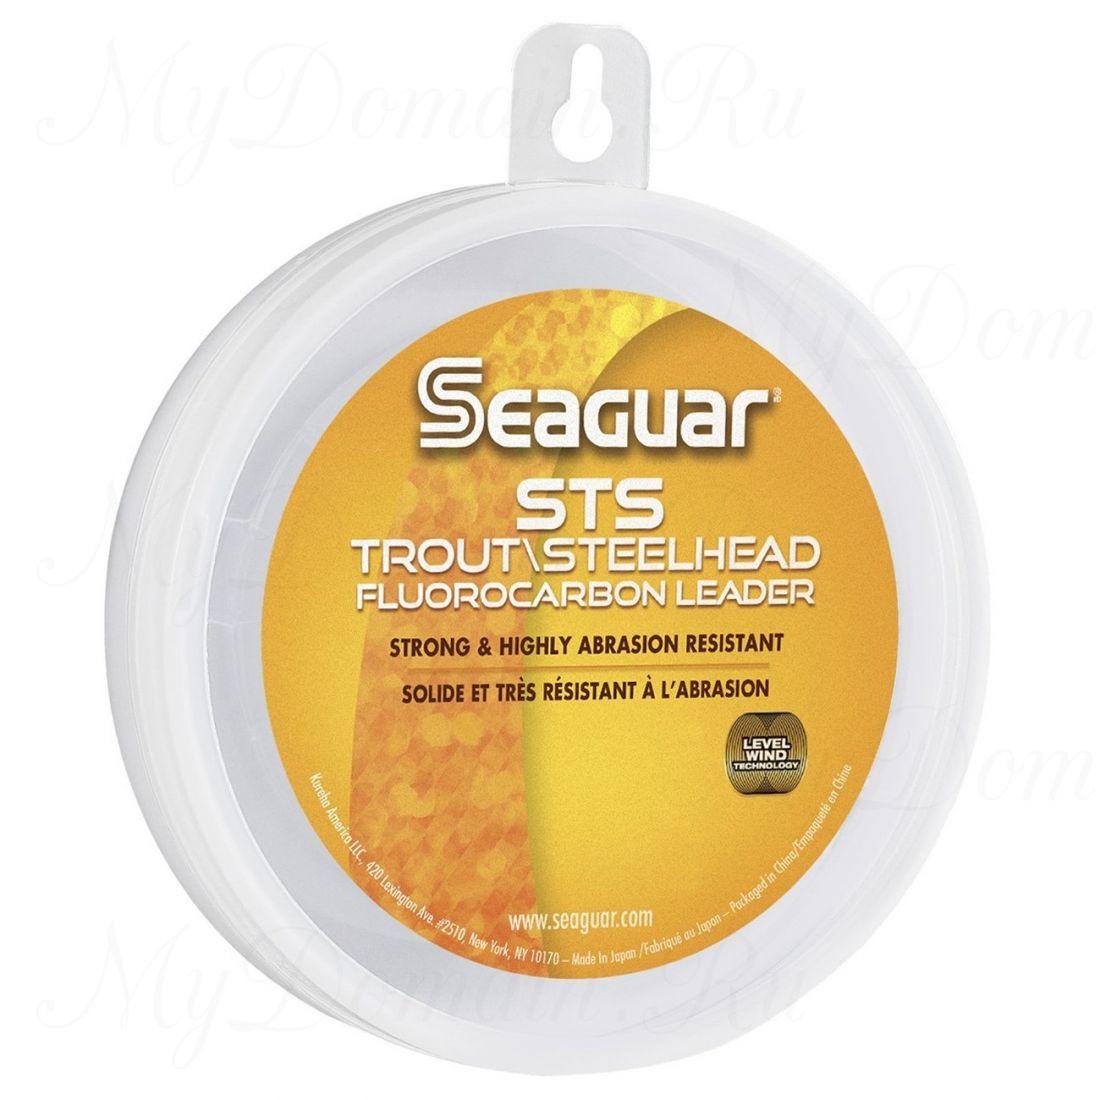 Поводковый материал из флюорокарбона Seaguar STS Salmon & Trout/Steelhead 0,310 мм; 12 lb/5,4 кг; 100 ярдов /91 м.